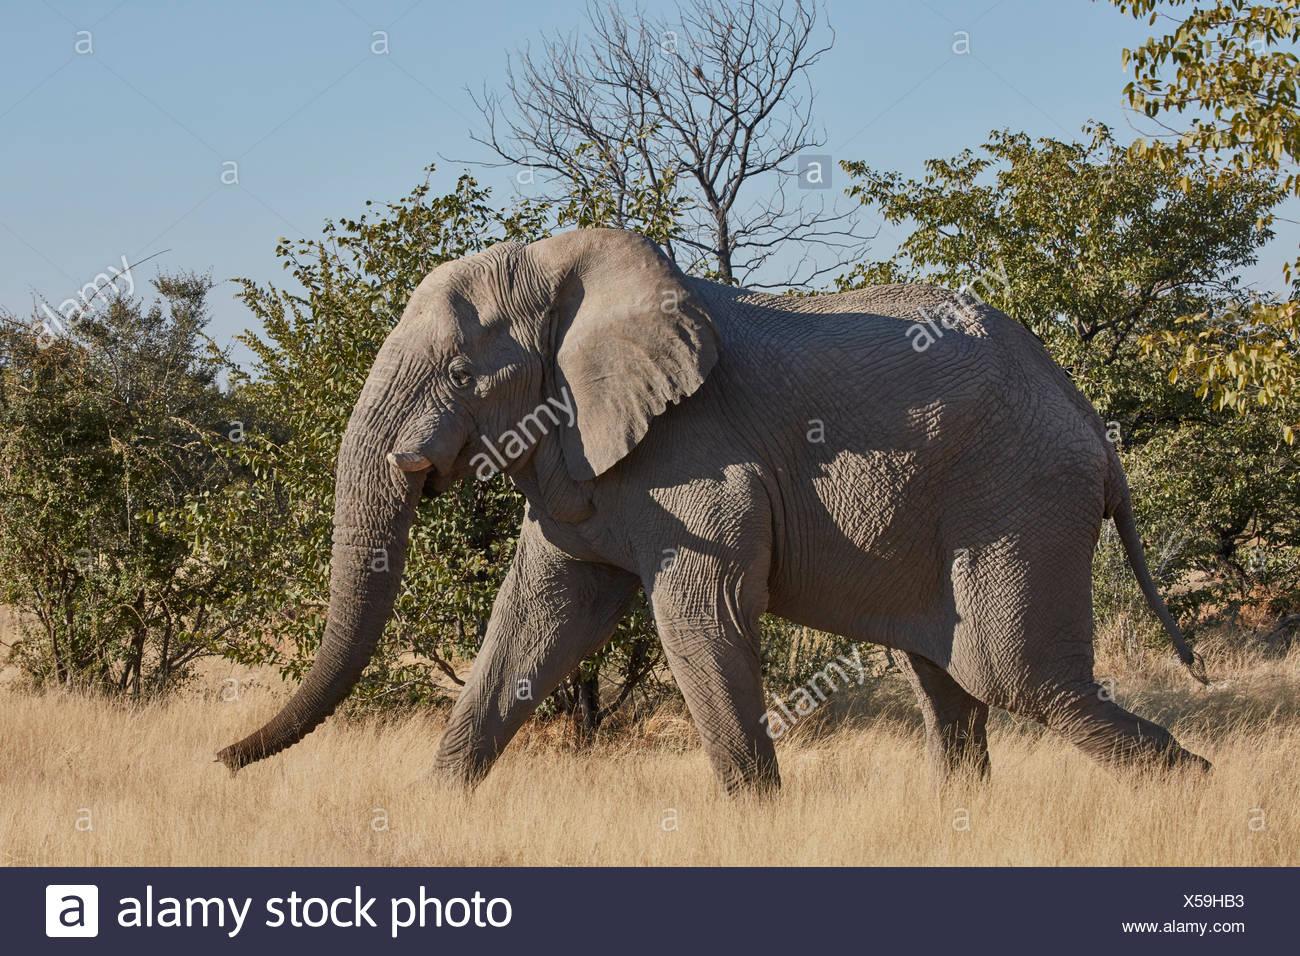 African elephant, Loxodonta africana, walking through grassland. - Stock Image